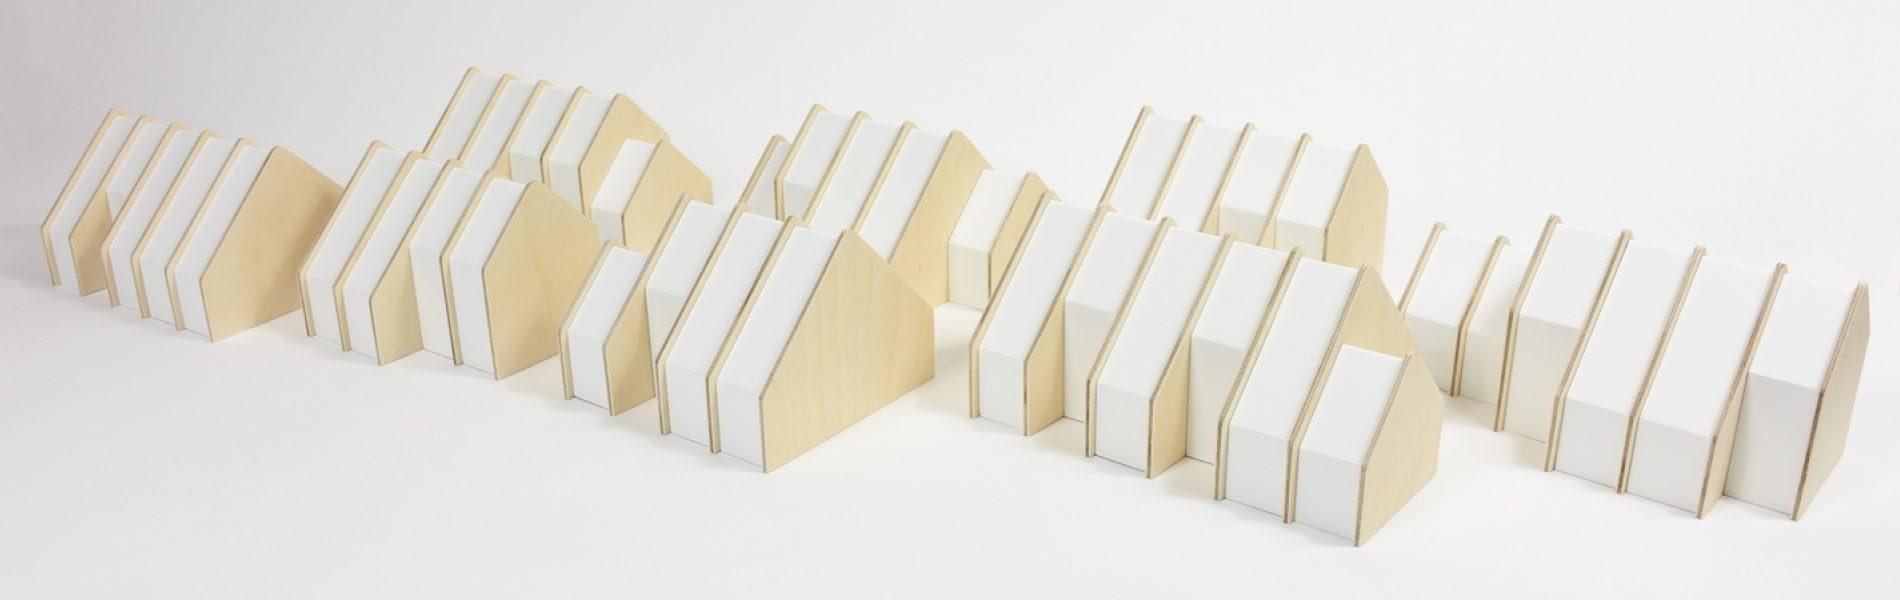 Modular Housing Header